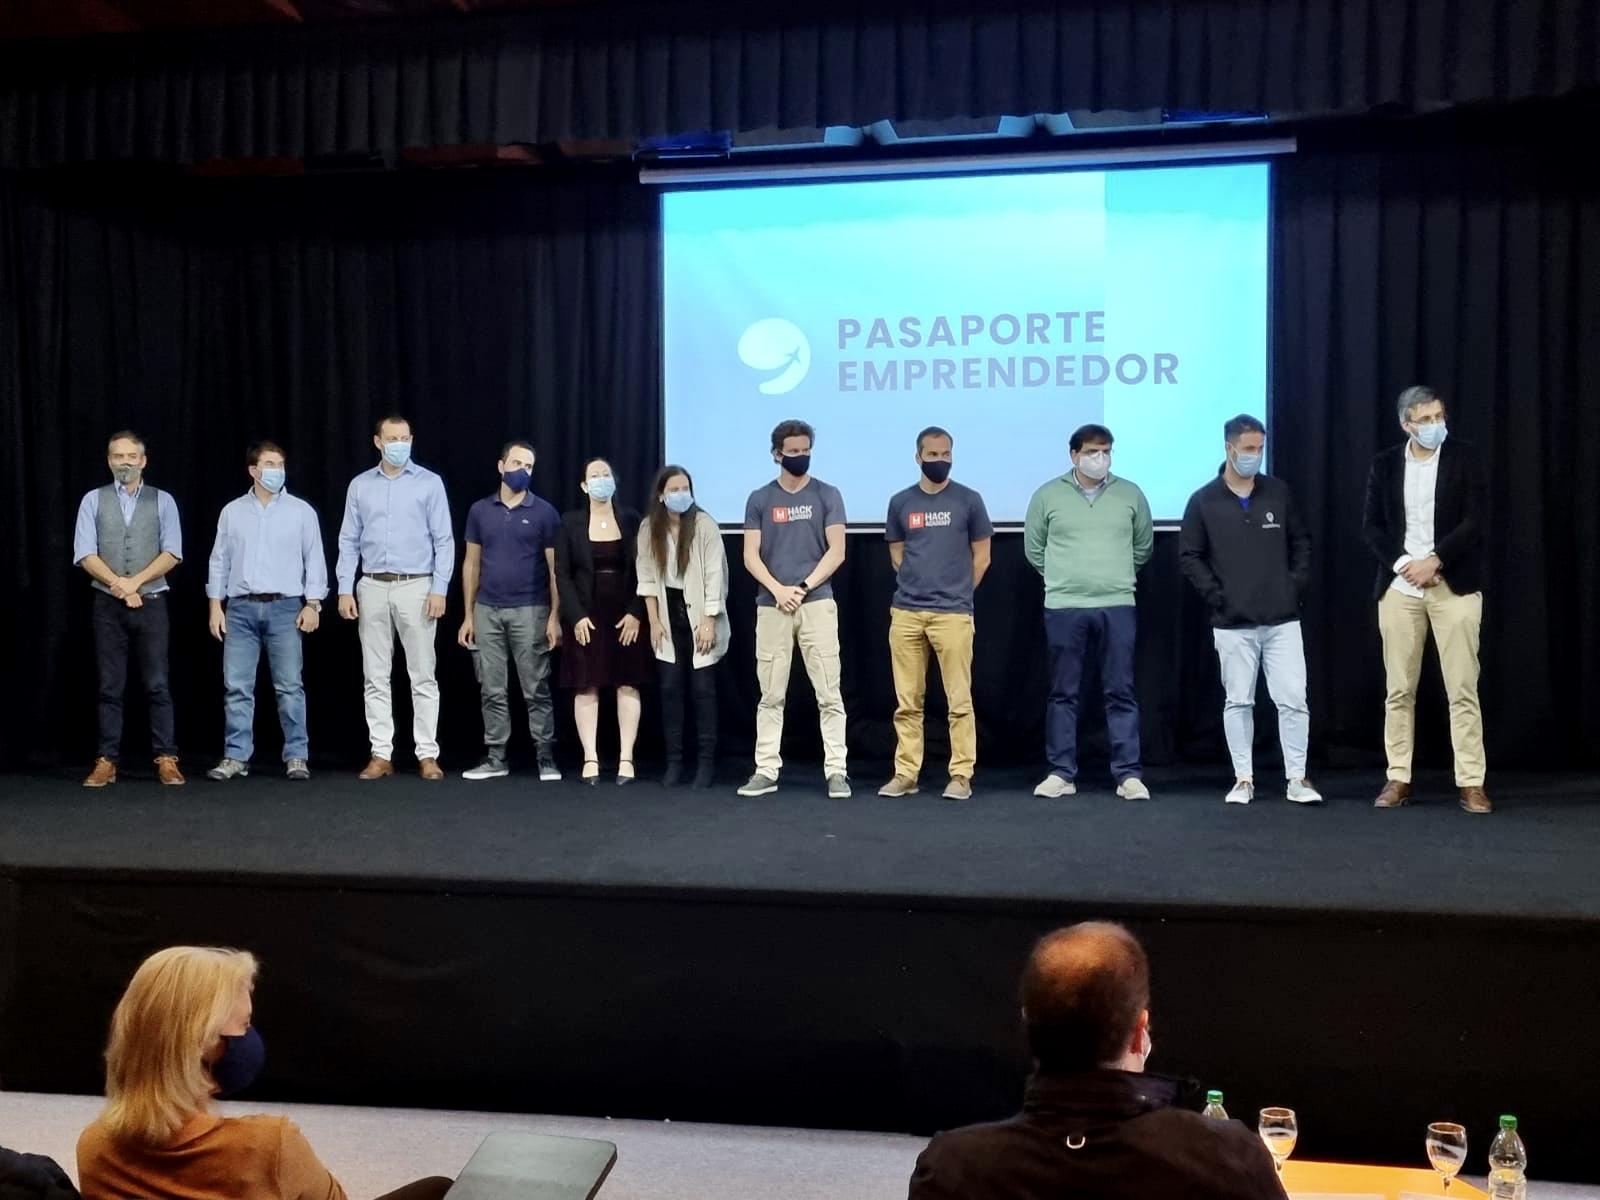 Los 10 finalistas de Pasaporte Emprendedor